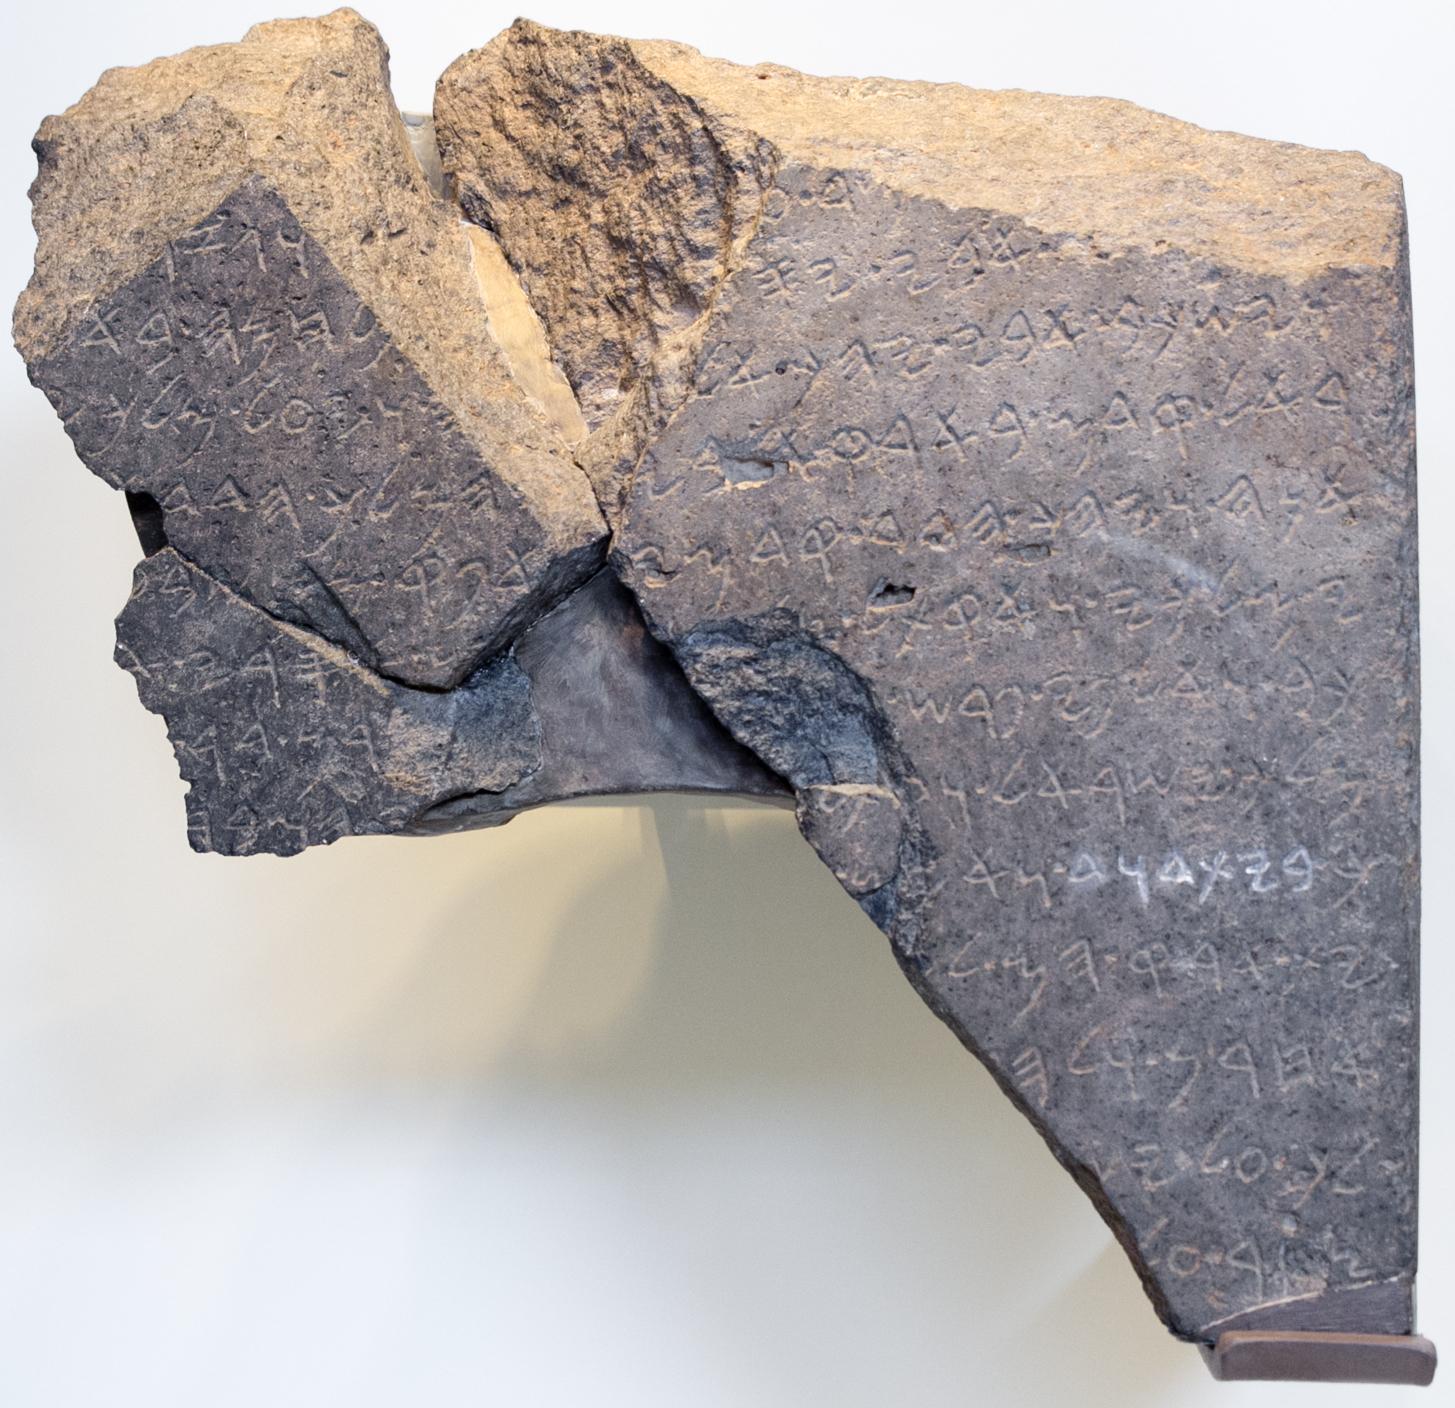 上图:但丘石碑(Tel Dan Stele) 是1993-1994年在以色列北部的但城遗址(Tel Dan)发现的几块黑色玄武岩碑,可能是主前9-8世纪的亚兰王哈薛所立,用来夸耀自己对以色列的胜利。碑上刻着「大卫的家室 BYTDWD」,这是「大卫的家室」这个名字第一次在考古学资料中得到辨识。在此之前,一些圣经批评者极端到一个地步,甚至认为历史上根本不存在大卫王。